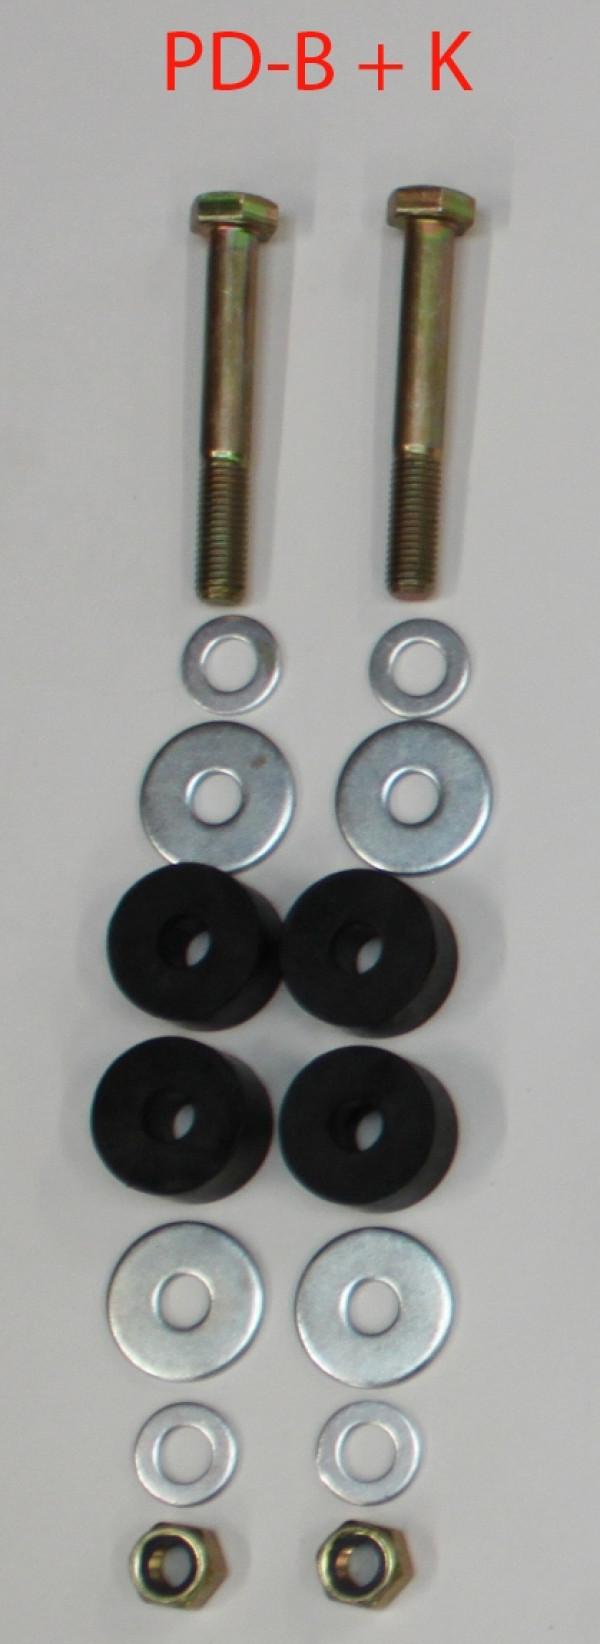 Kumisarja P60-B ja P60-K